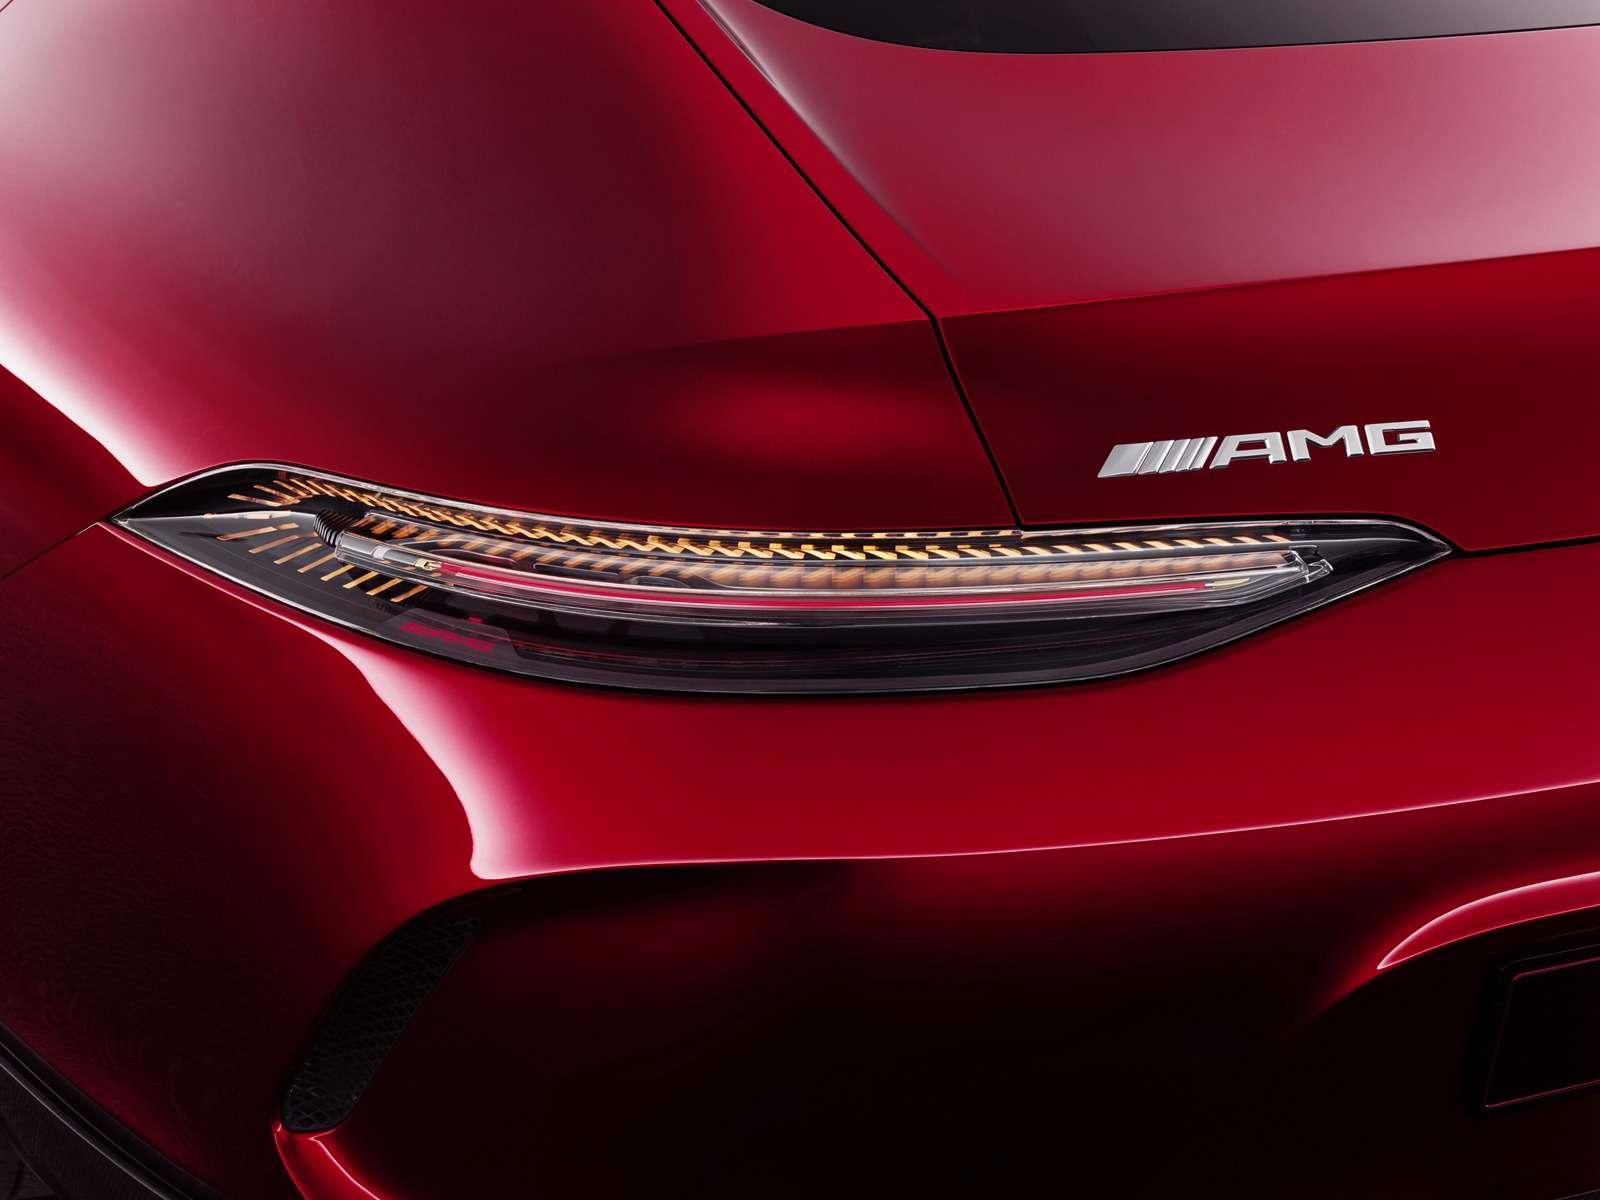 Охотник наPorsche: Mercedes-AMG разбавила гамму спорткаров GTфастбеком— фото 717591